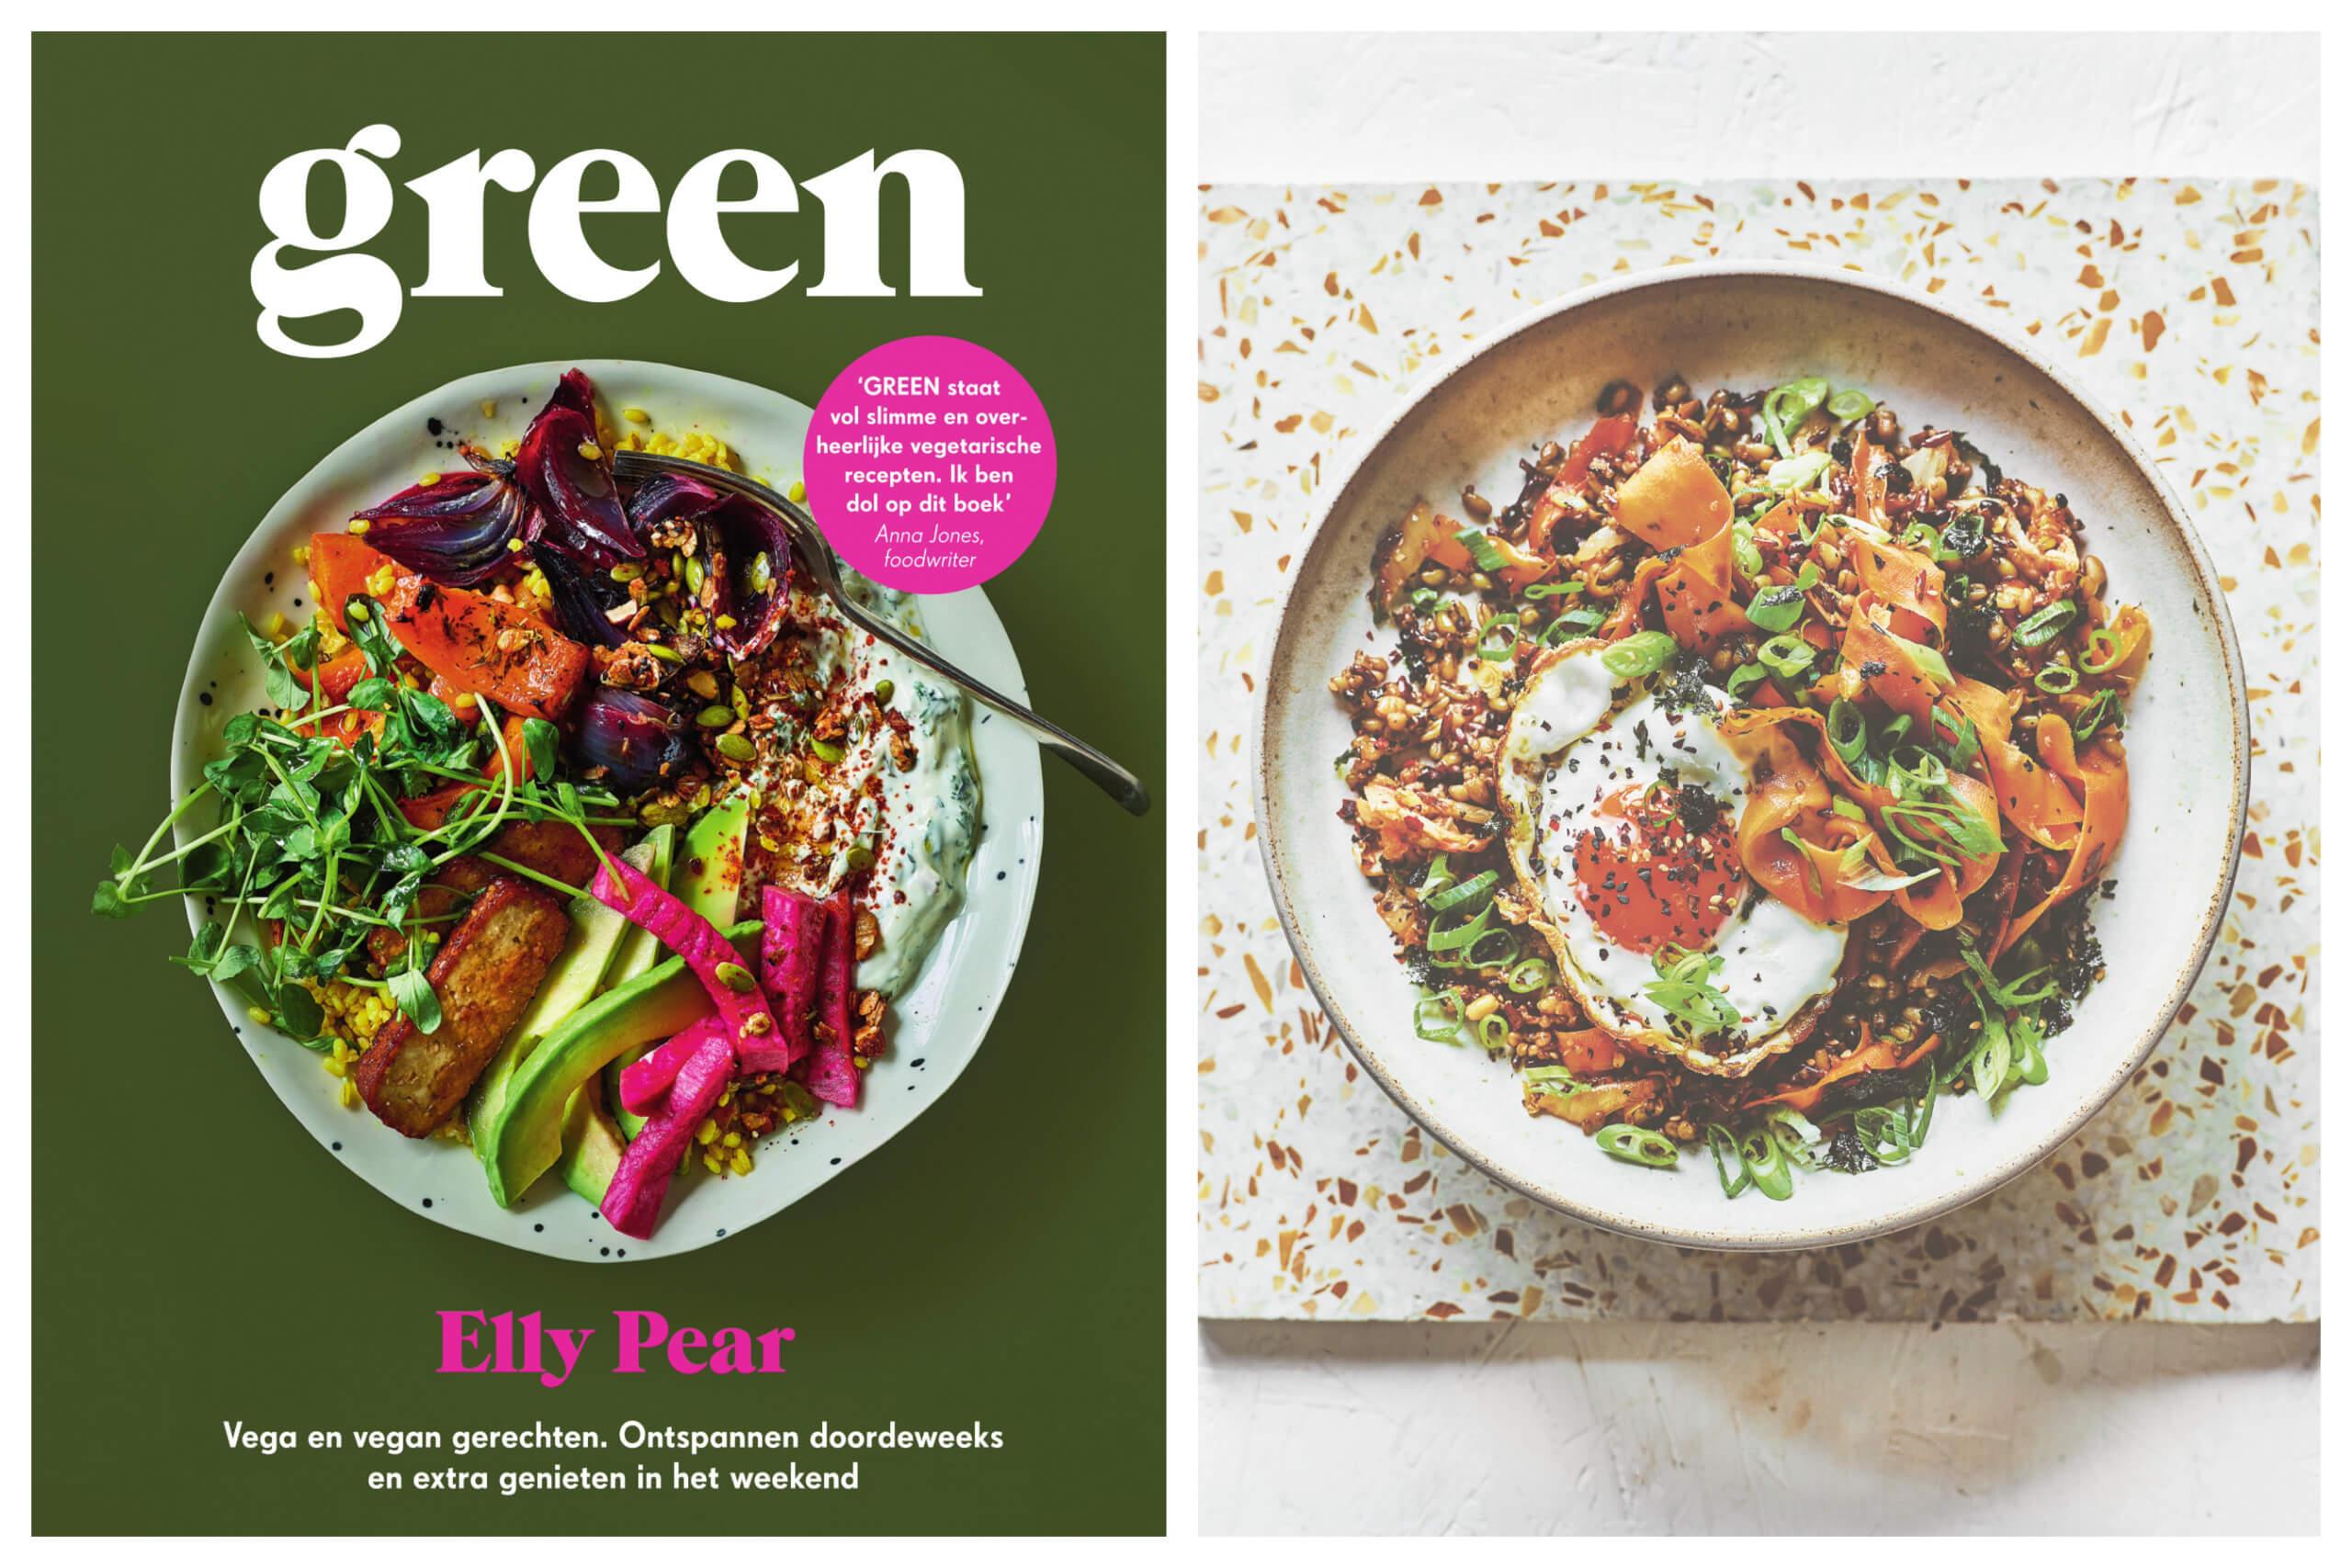 Kookboek review: GREEN van Elly Pear